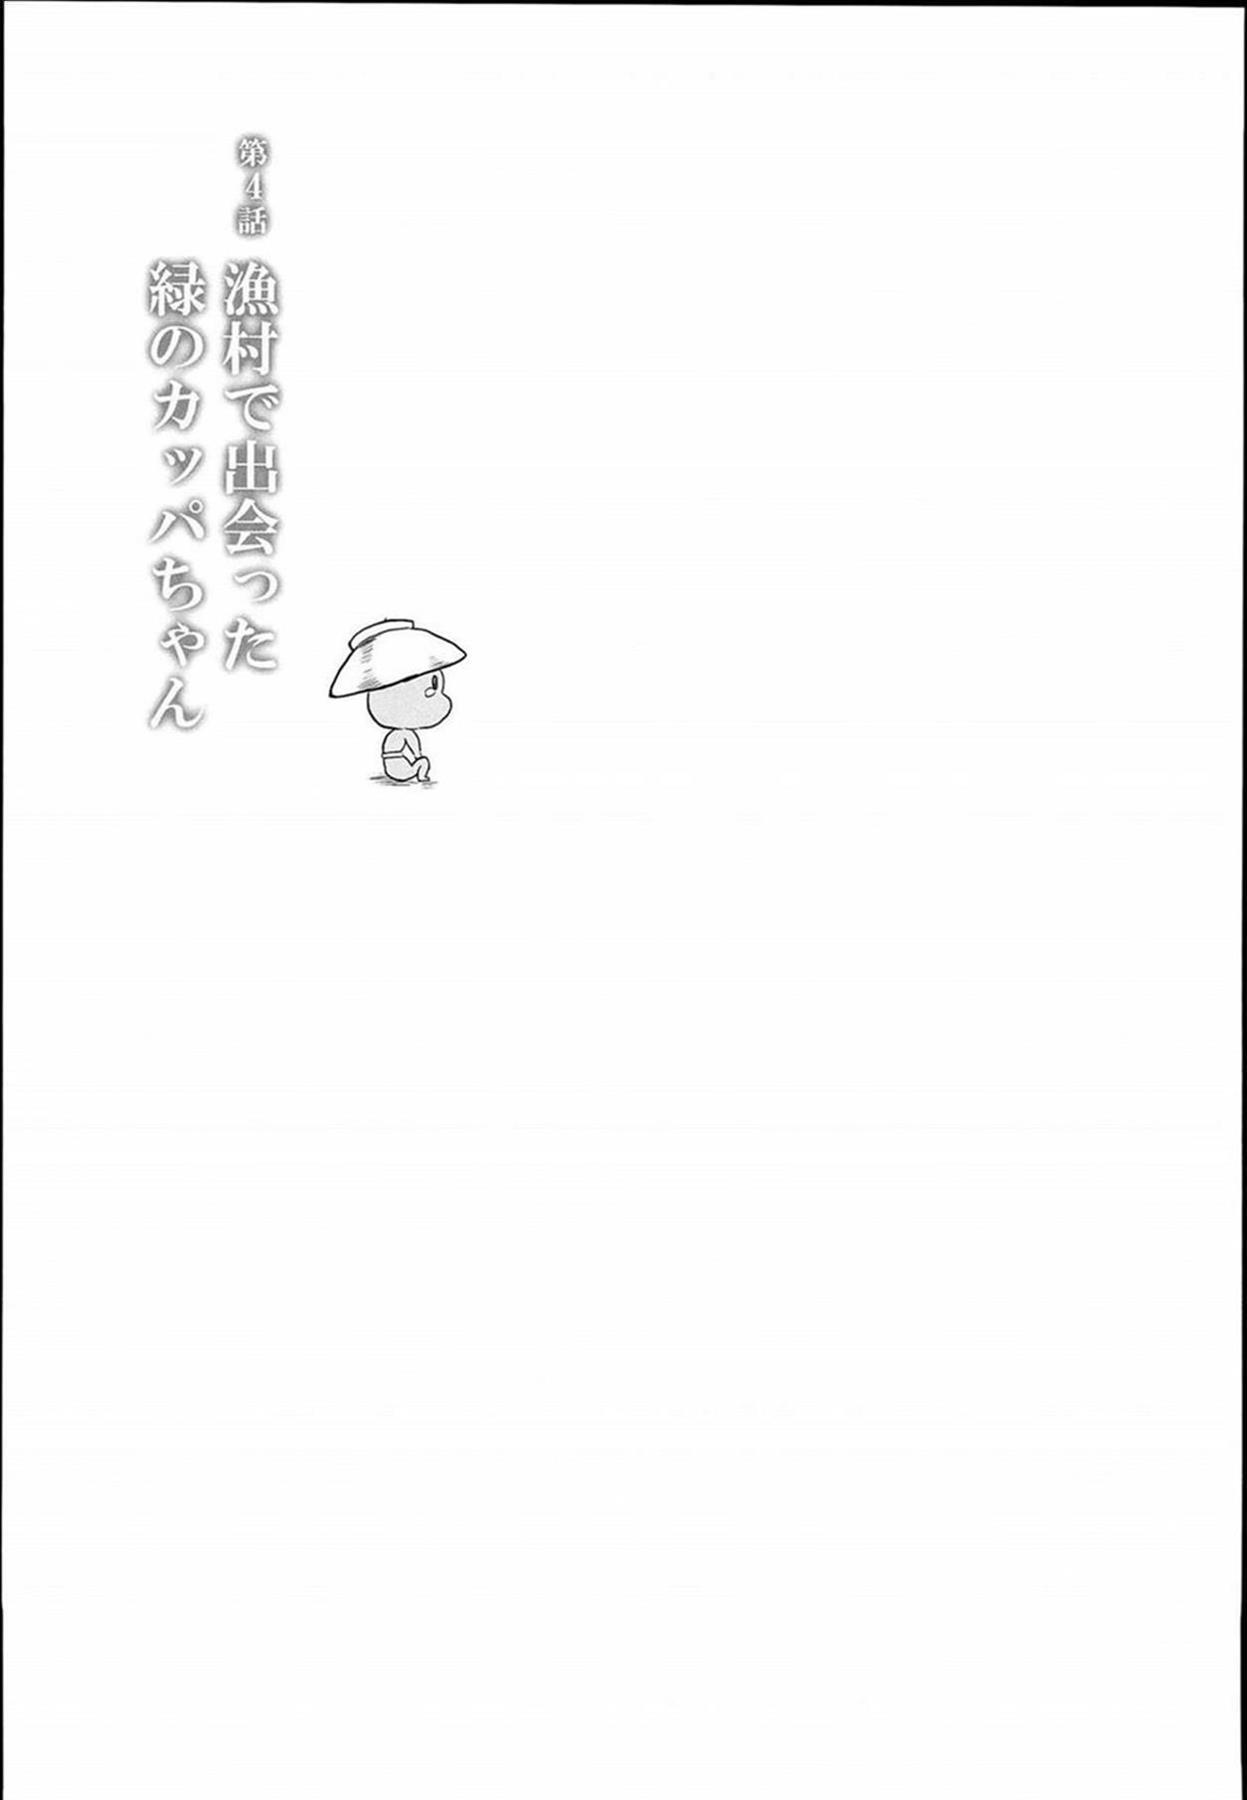 FFやペルソナ、龍が如くの世界を井之頭五郎が渡り歩くコメディwww【よろず エロ漫画・エロ同人】 (20)